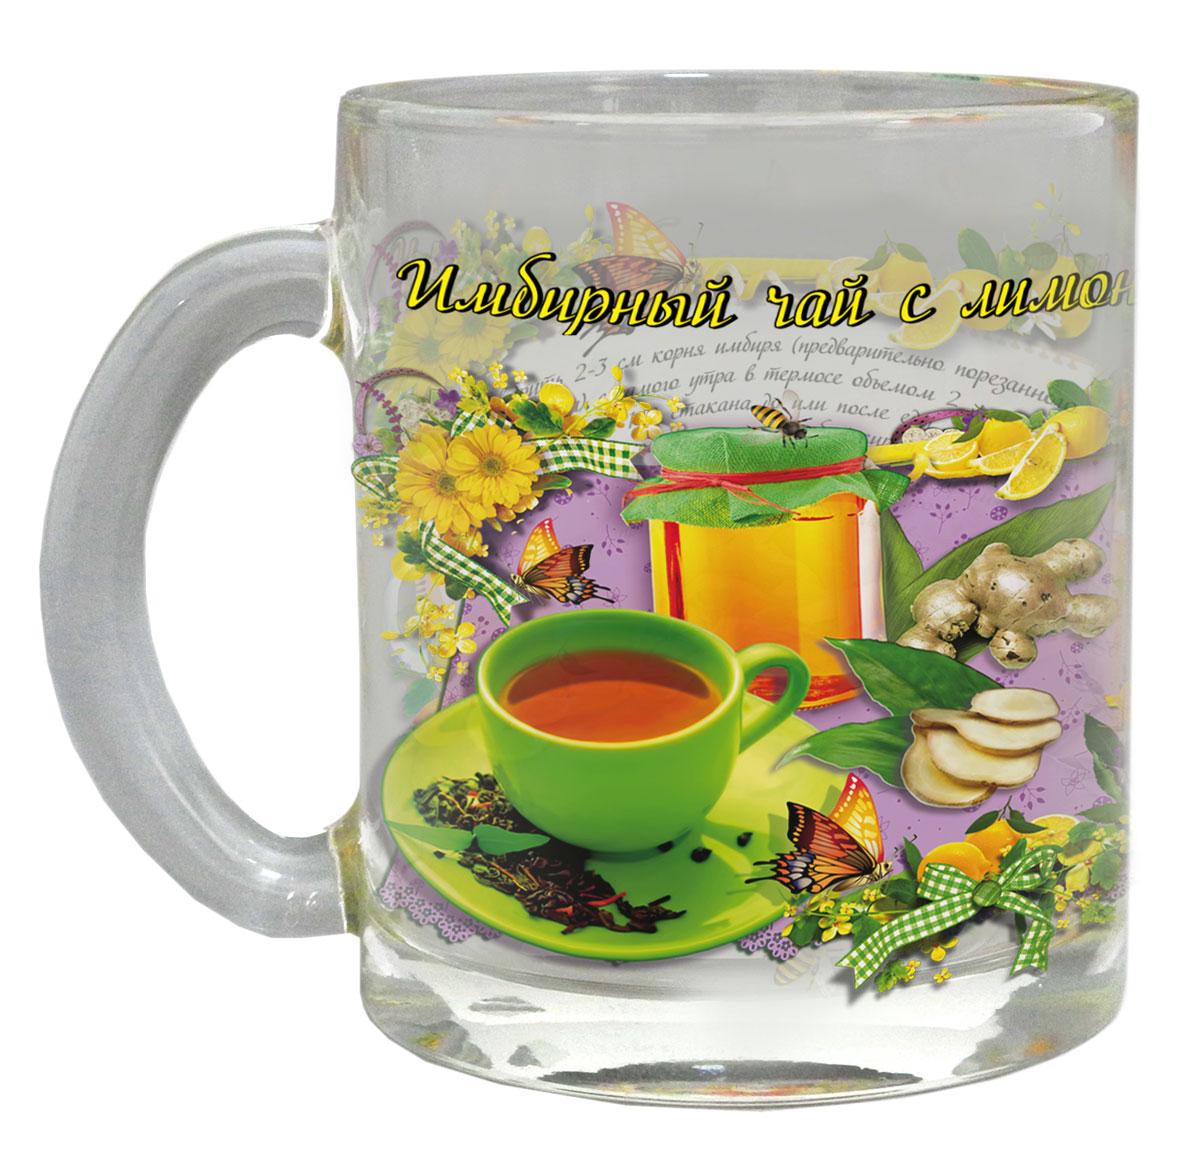 Кружка Квестор Имбирный чай с лимоном, 320 мл103-002Кружка Имбирный чай с лимоном выполнена из стекла. Внешняя сторона оформлена оригинальным рисунком и надписью.Кружка сочетает в себе оригинальный дизайн и функциональность. Благодаря такой кружке пить напитки будет еще вкуснее.